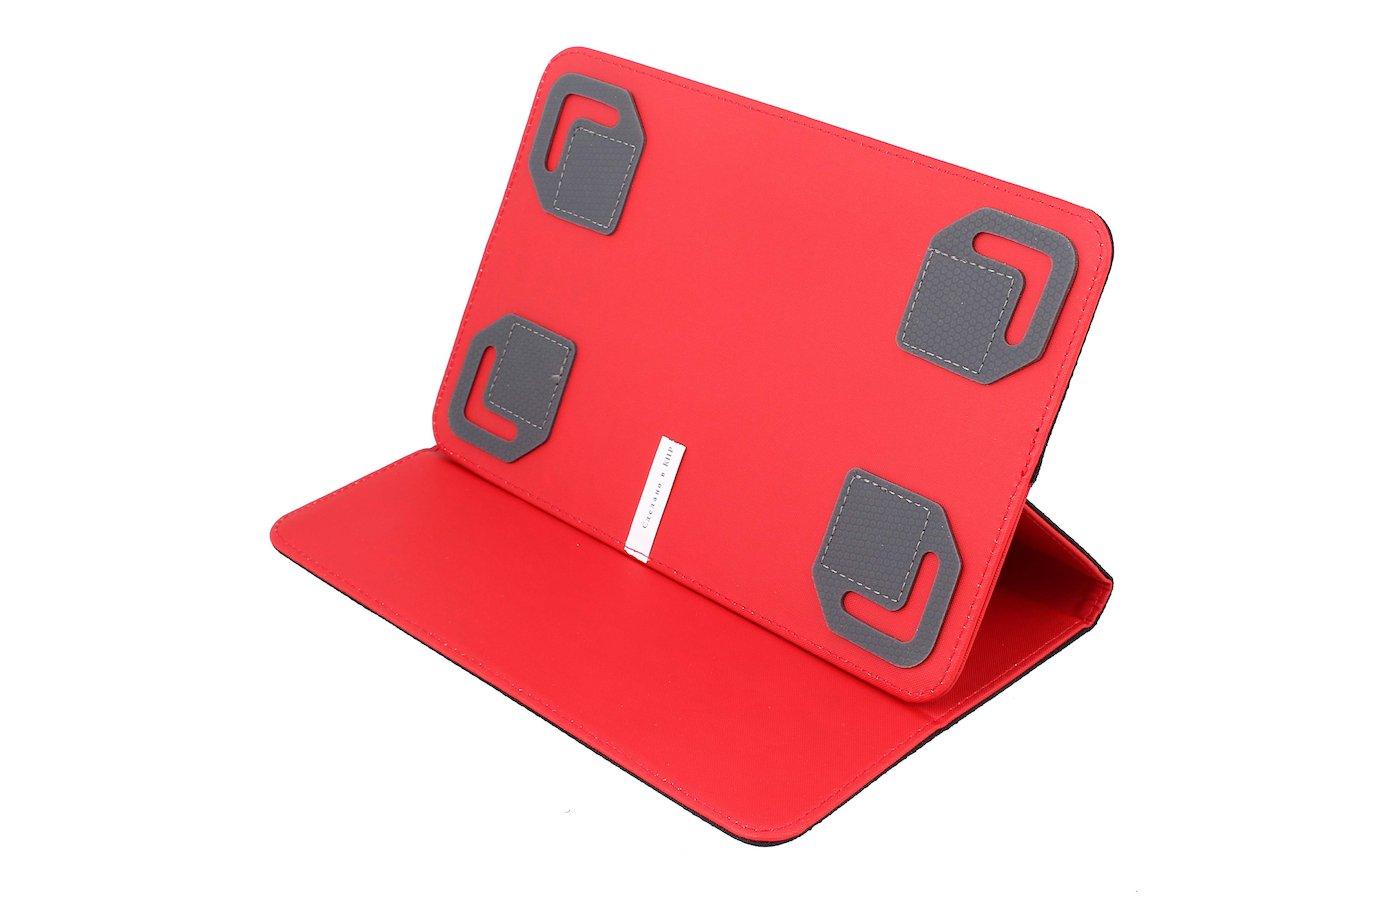 Чехол для планшетного ПК RBT UC-401-8 черный+красный